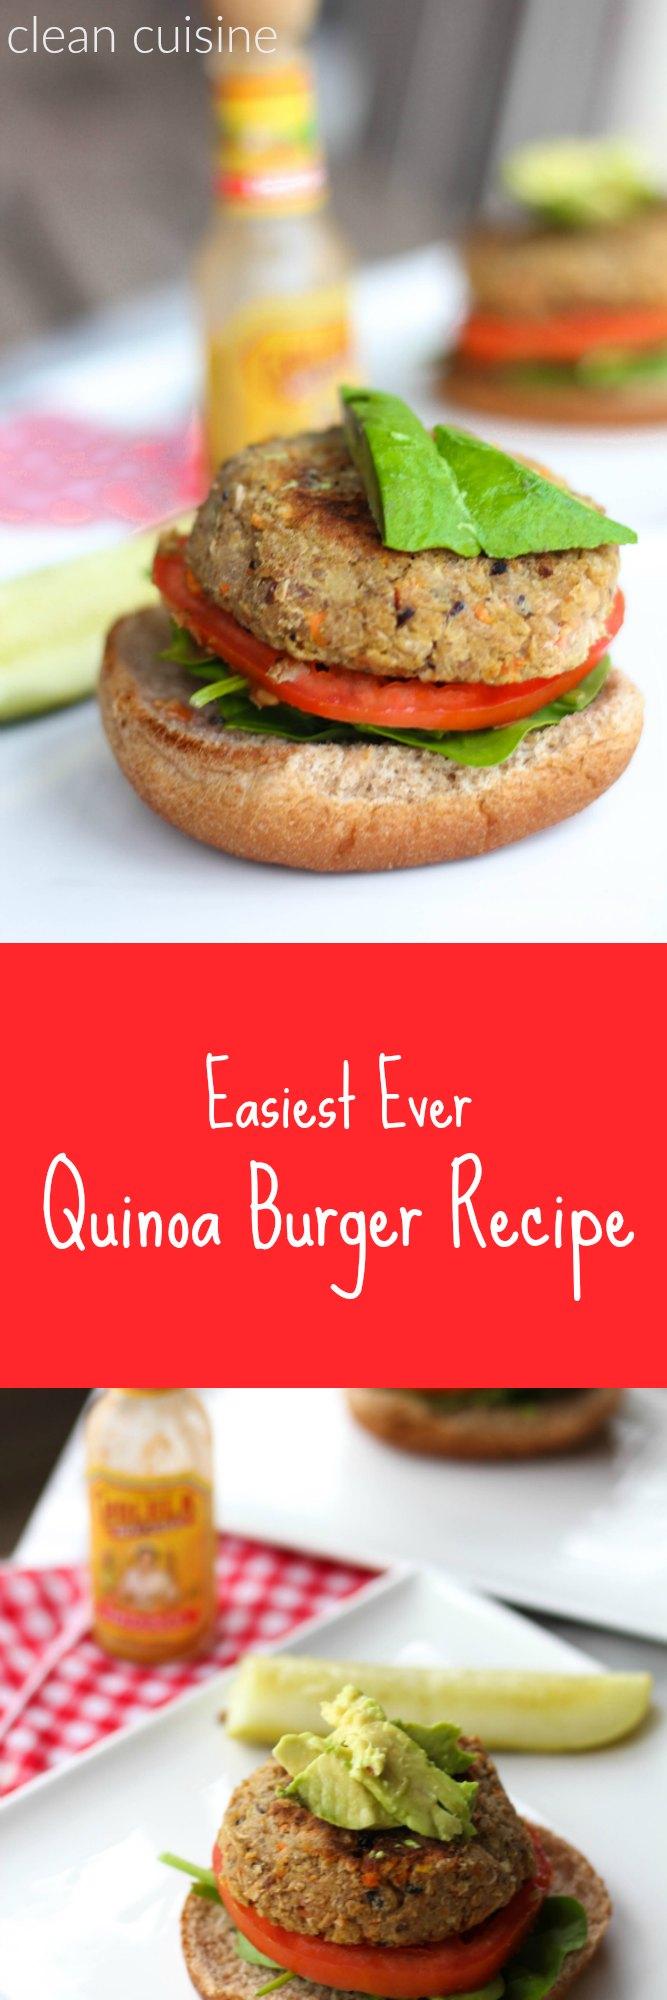 Easy Quinoa Burger Recipe